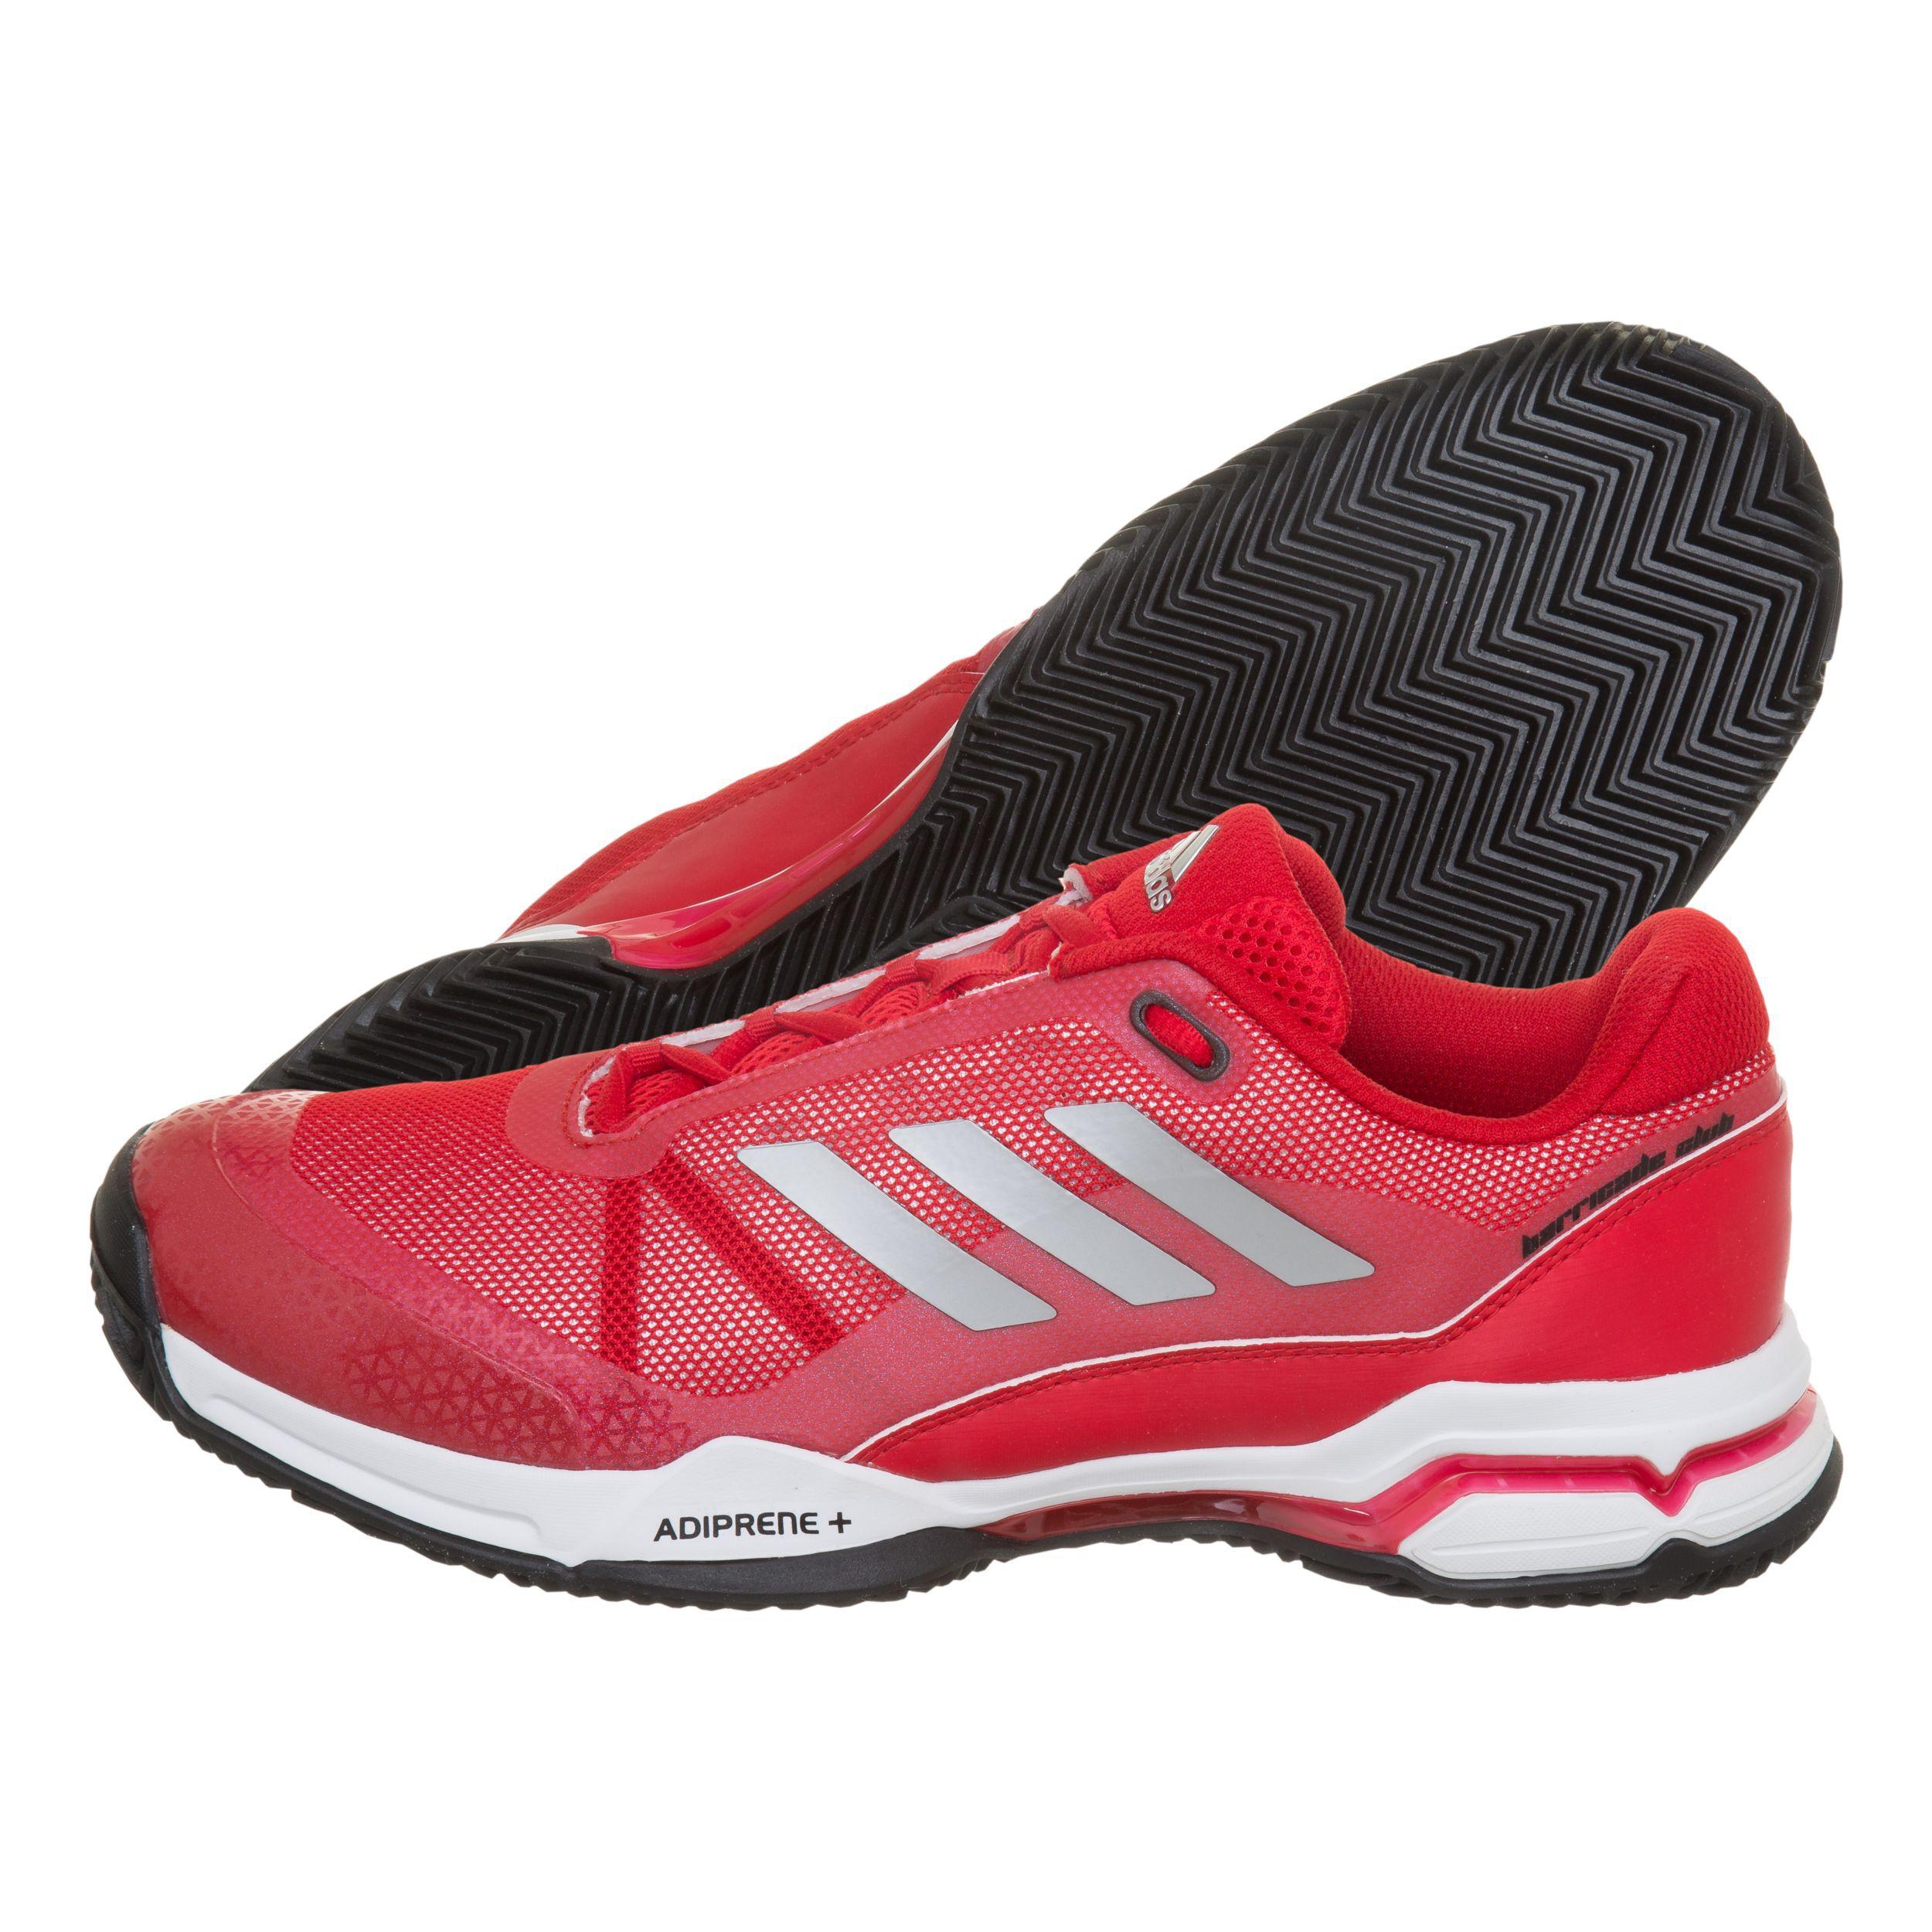 Clay Terra Club Adidas Uomini Rosso Barricade Scarpa Rossa Per EIWYDeH92